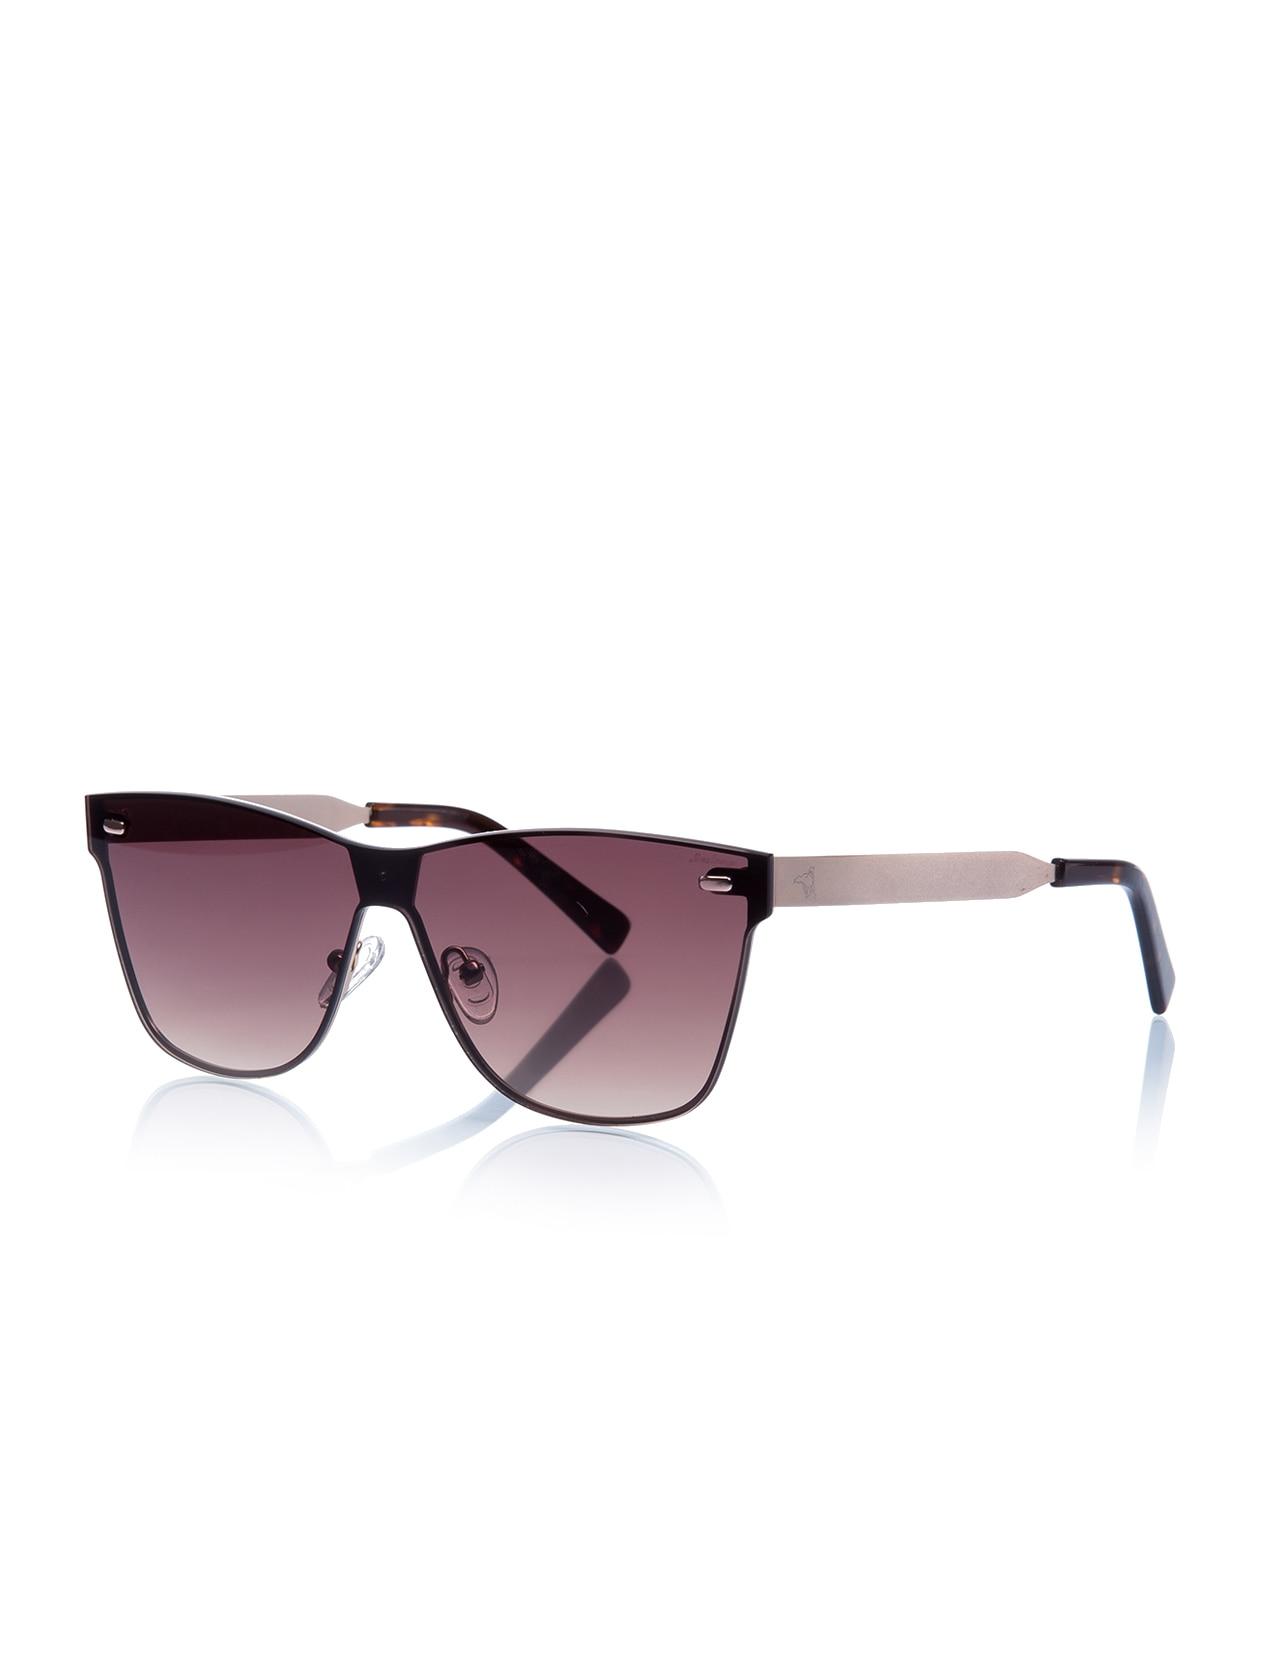 Unisex sunglasses mu 1628 03 metal yellow organic 143 -- mustang